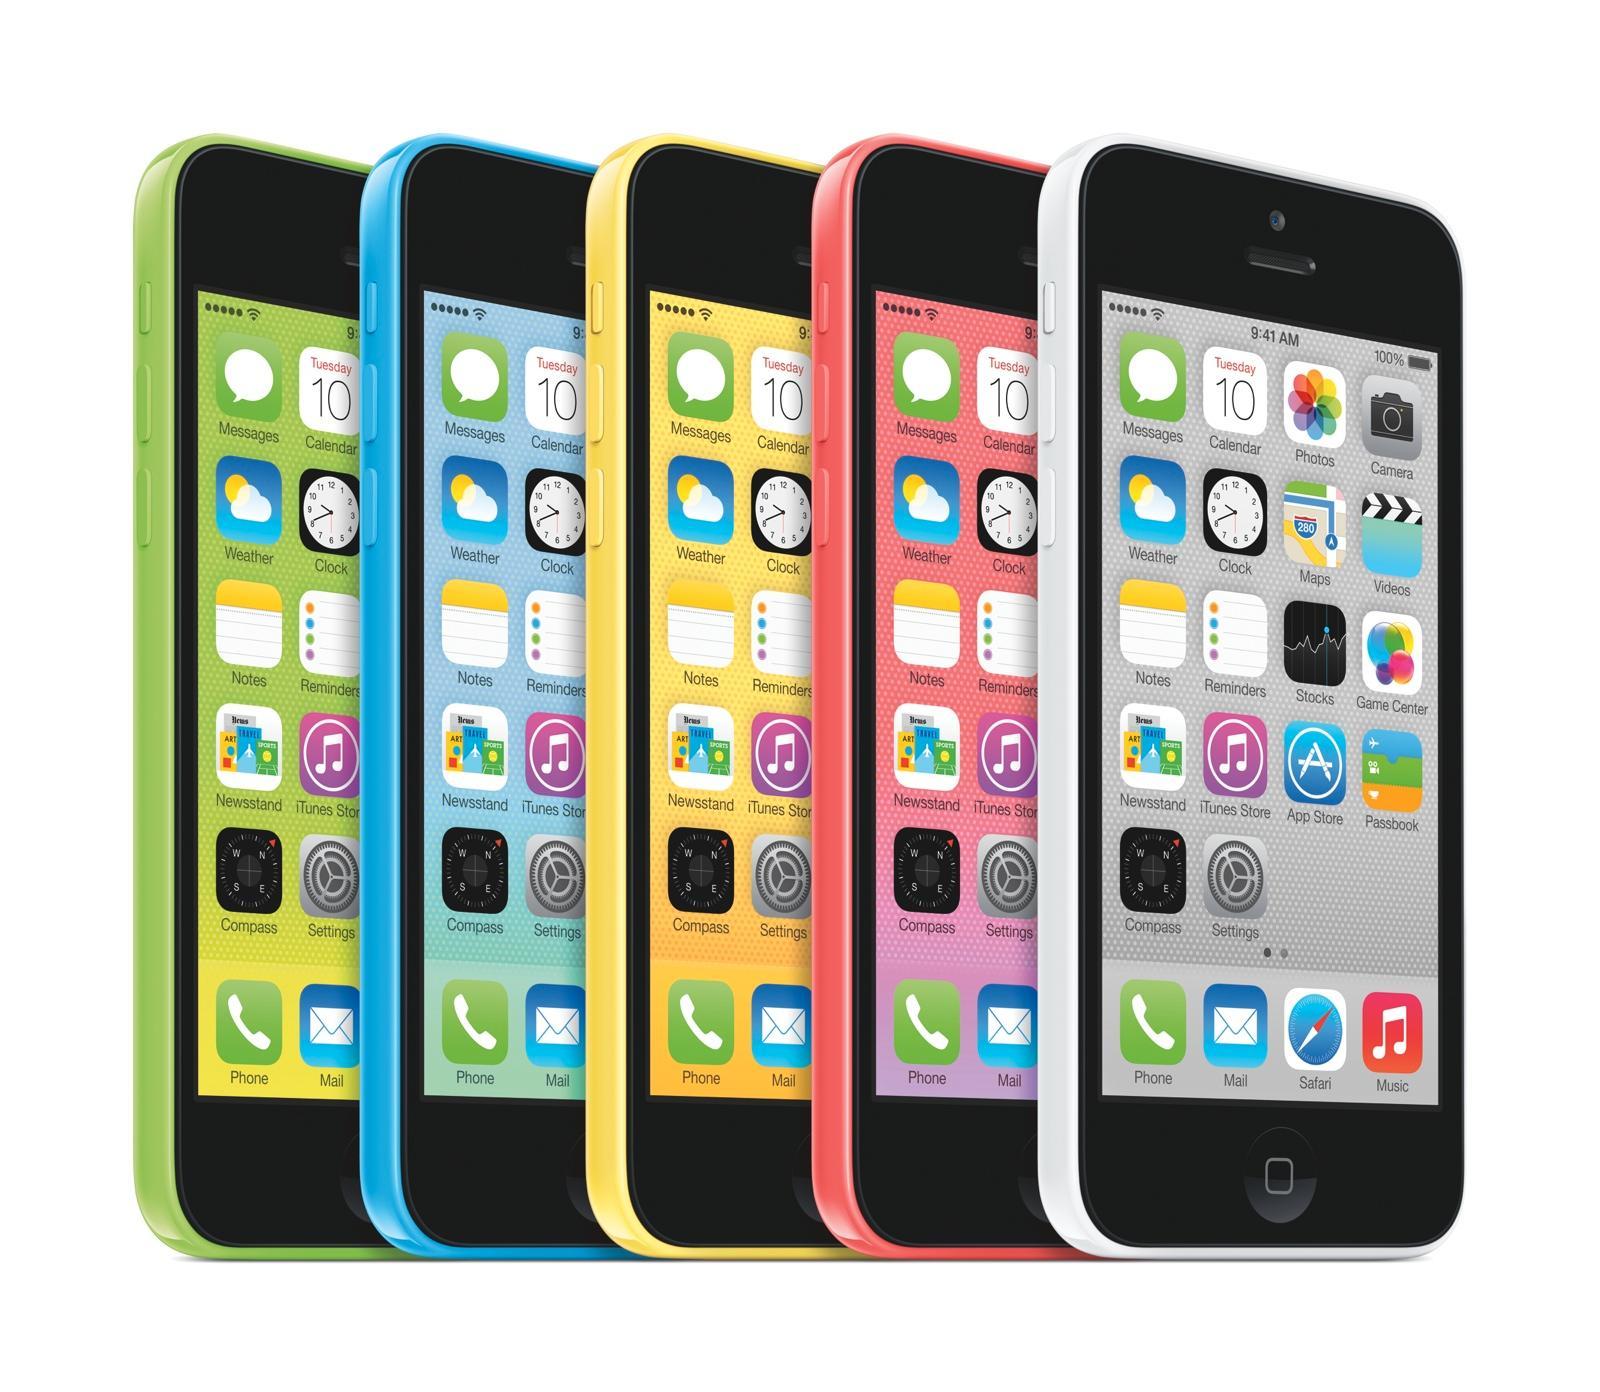 iPhone 5C er en billigere og mer fargerik utgave av Apples iPhone-modeller. Den lander likevel helt i øverste prisklasse for dagens toppmodeller.Foto: Apple